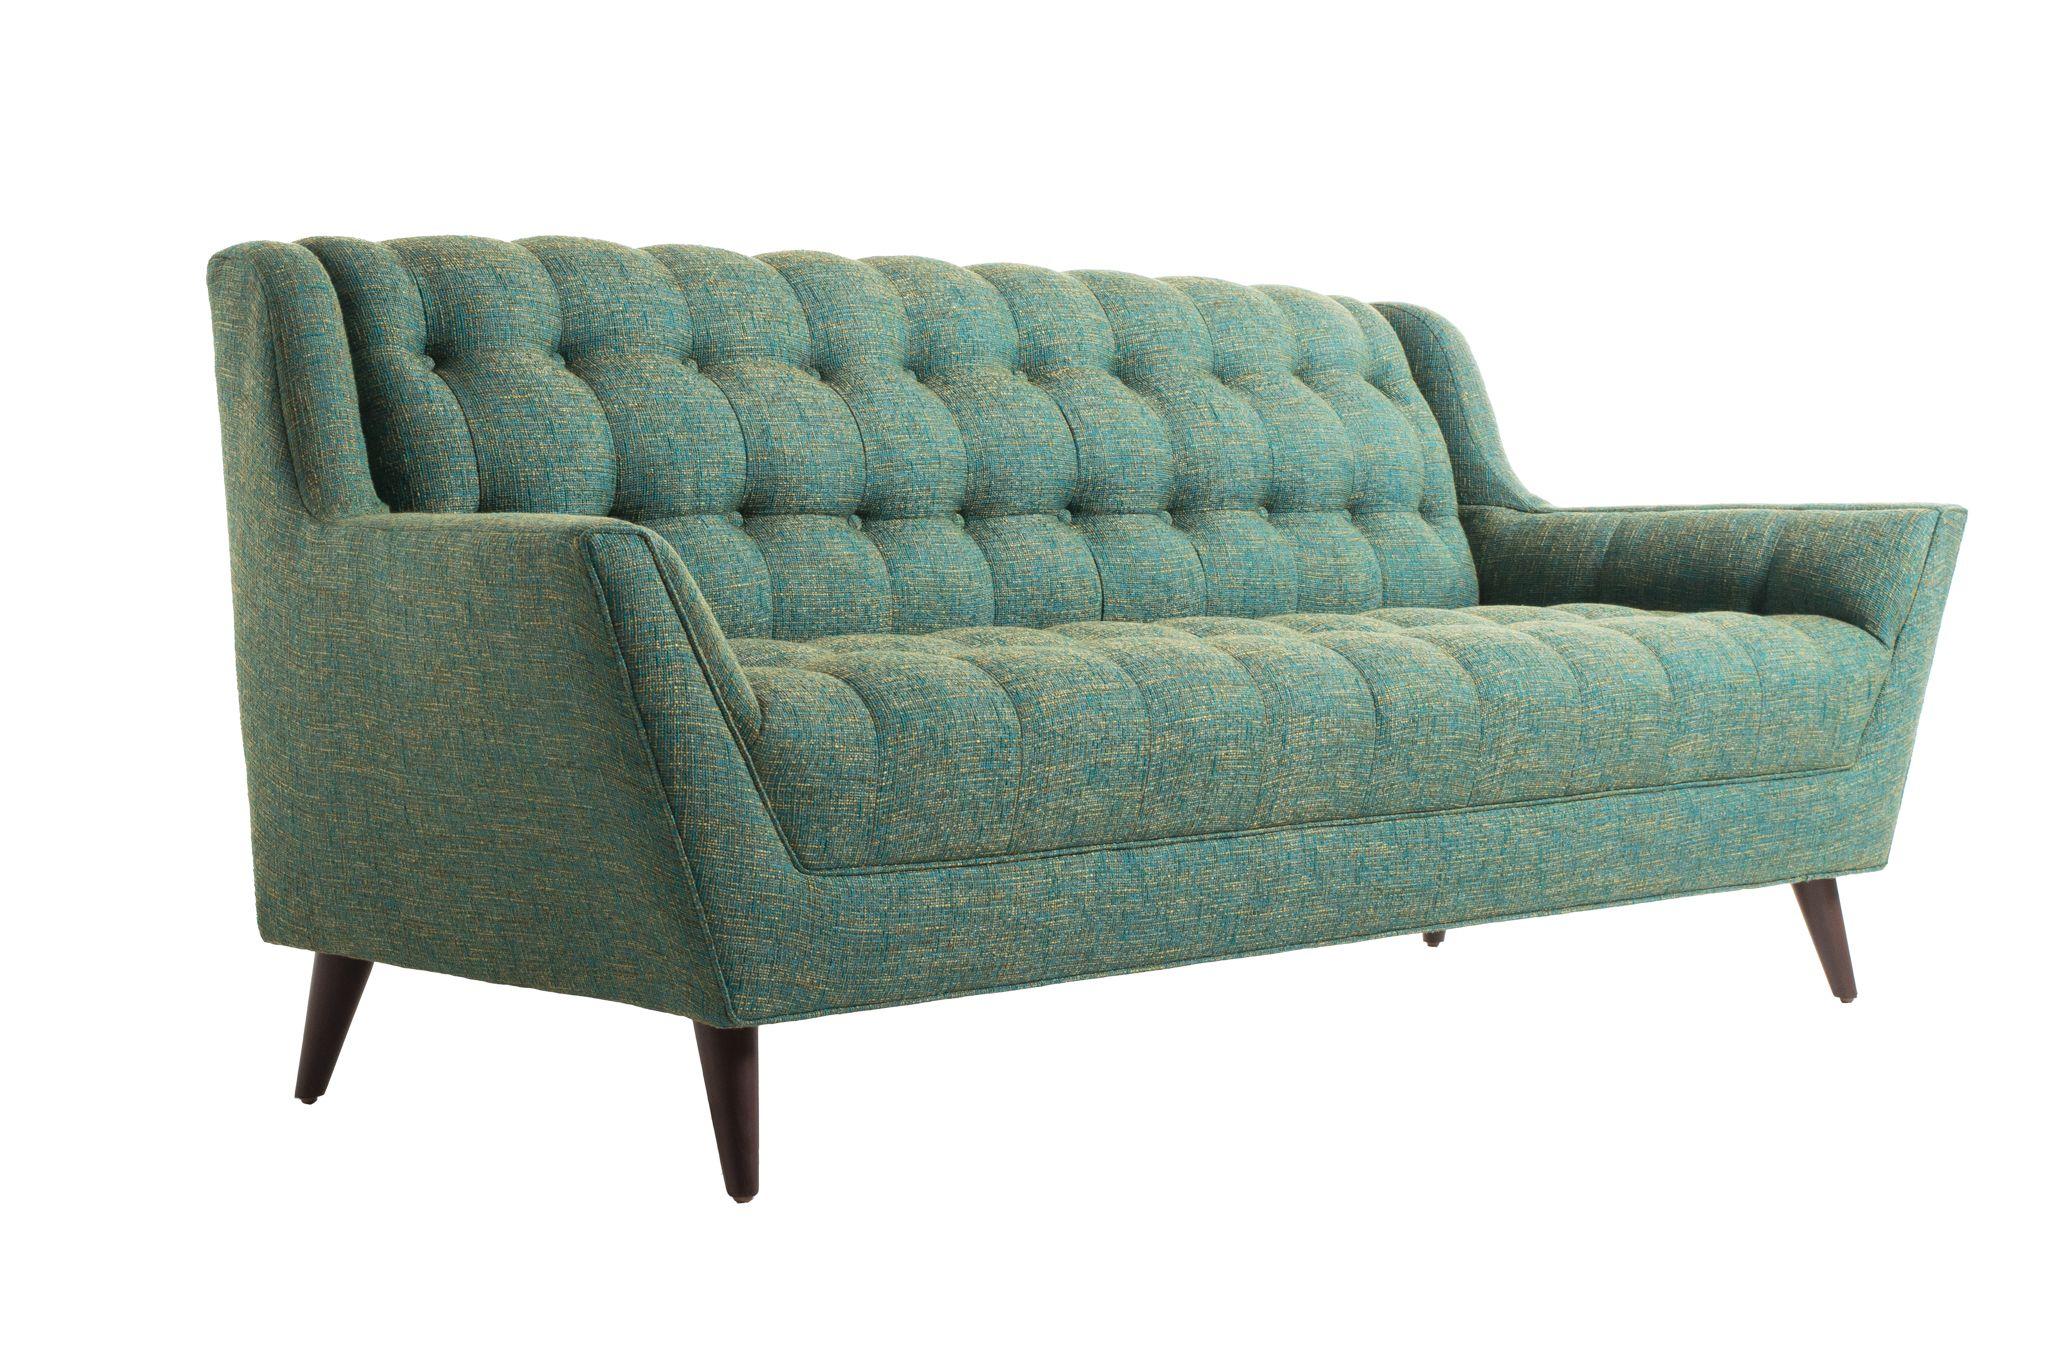 Fitzgerald Sofa in Cordova Turquoise